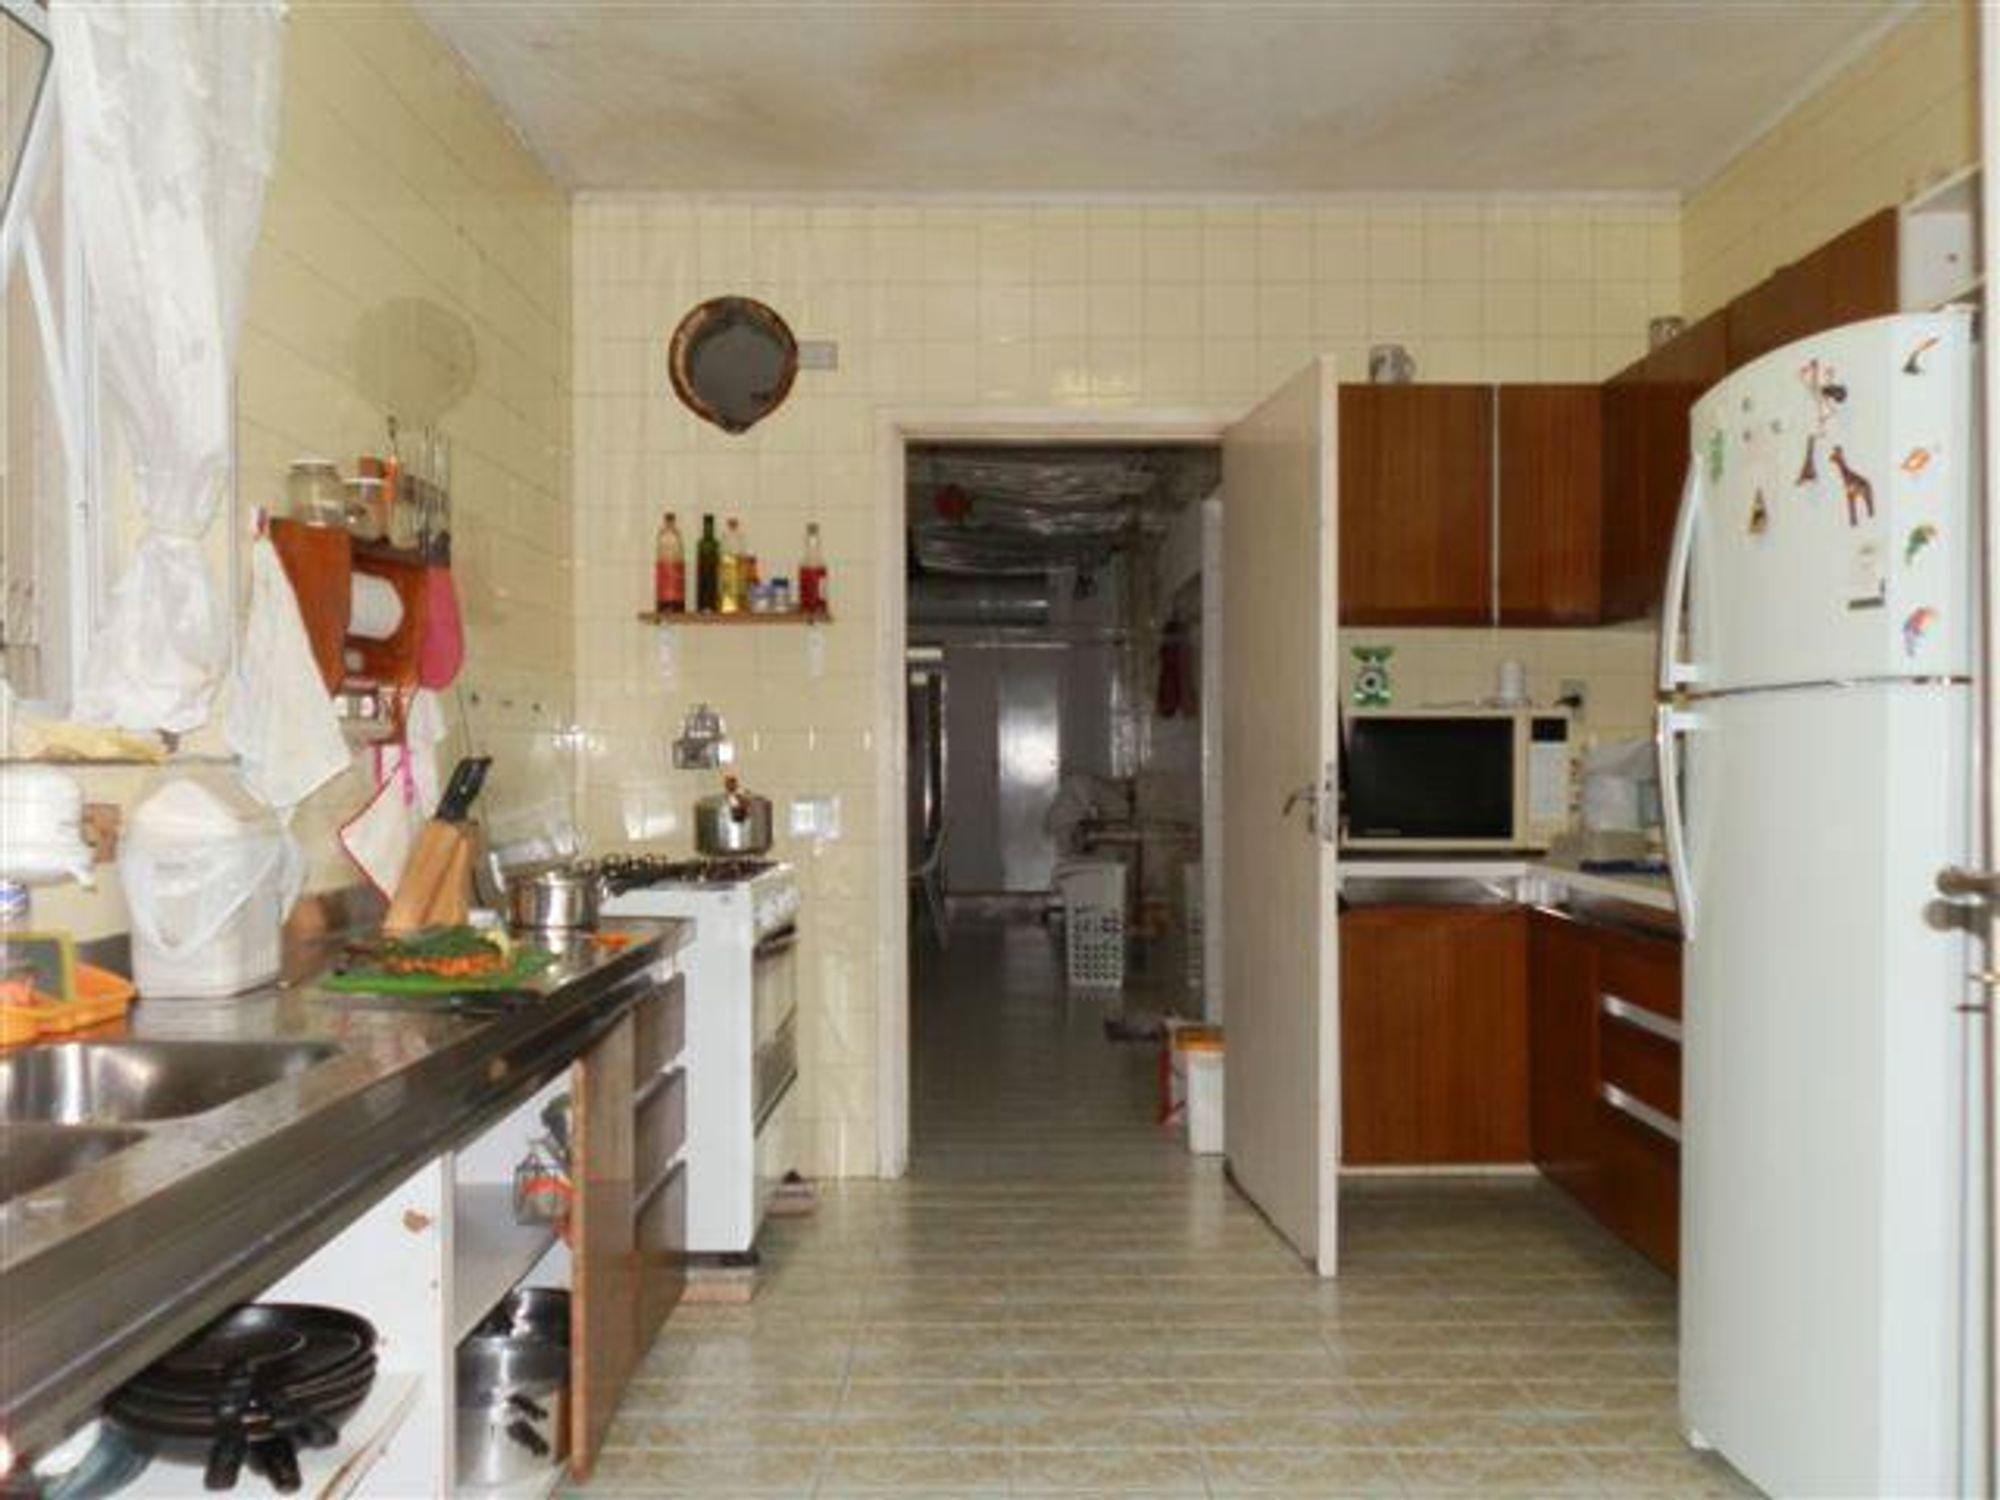 Foto de Cozinha com garrafa, geladeira, pia, microondas, xícara